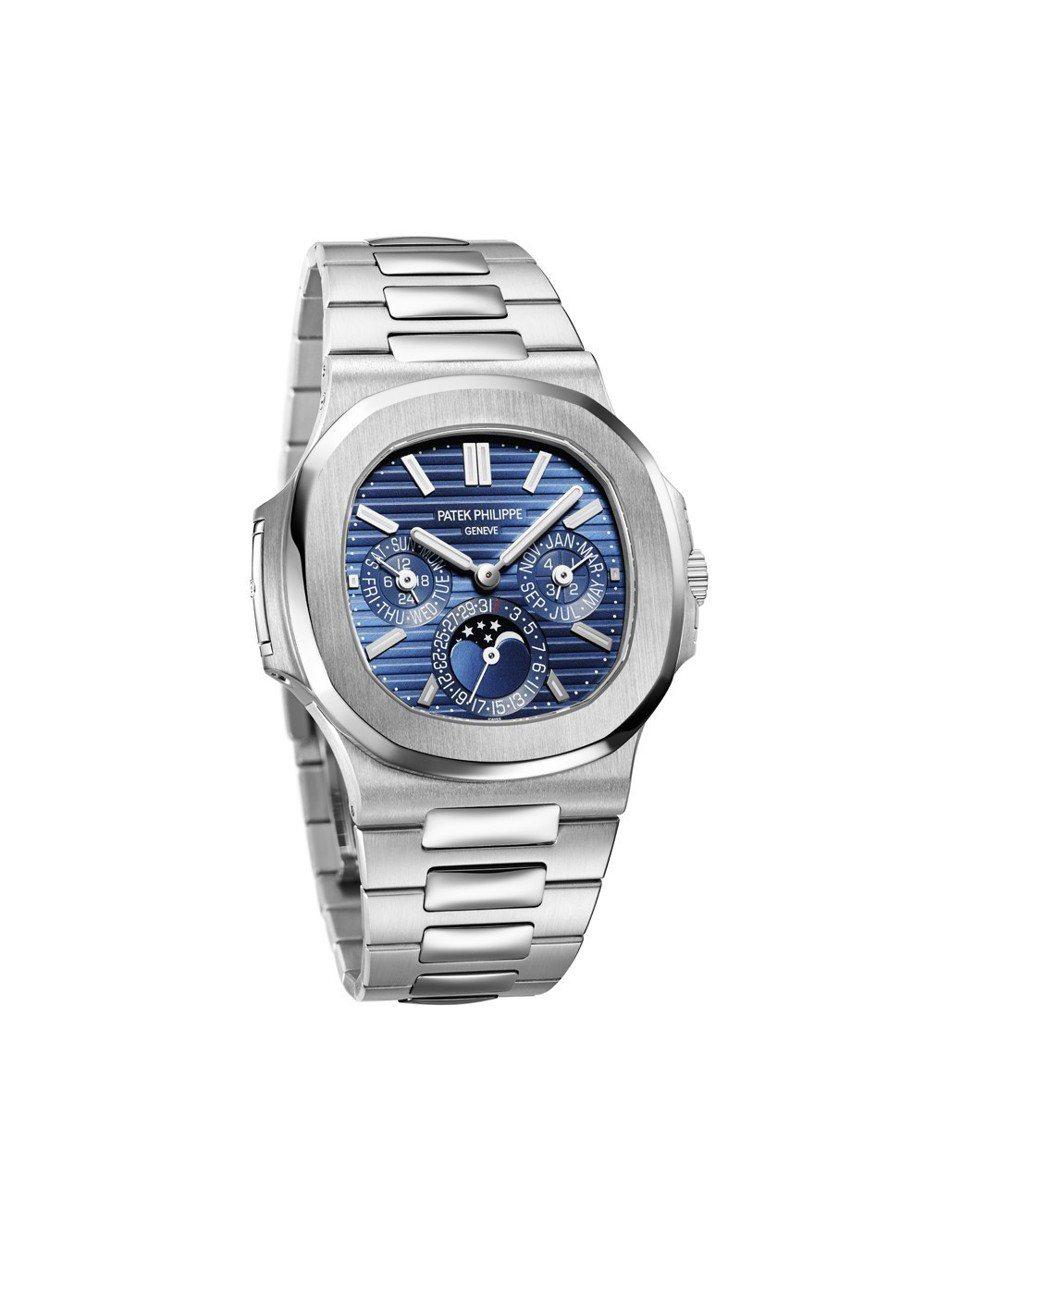 百達翡麗金鷹系列萬年曆5740腕表,18K白金表殼,搭載240機芯,約326萬1...